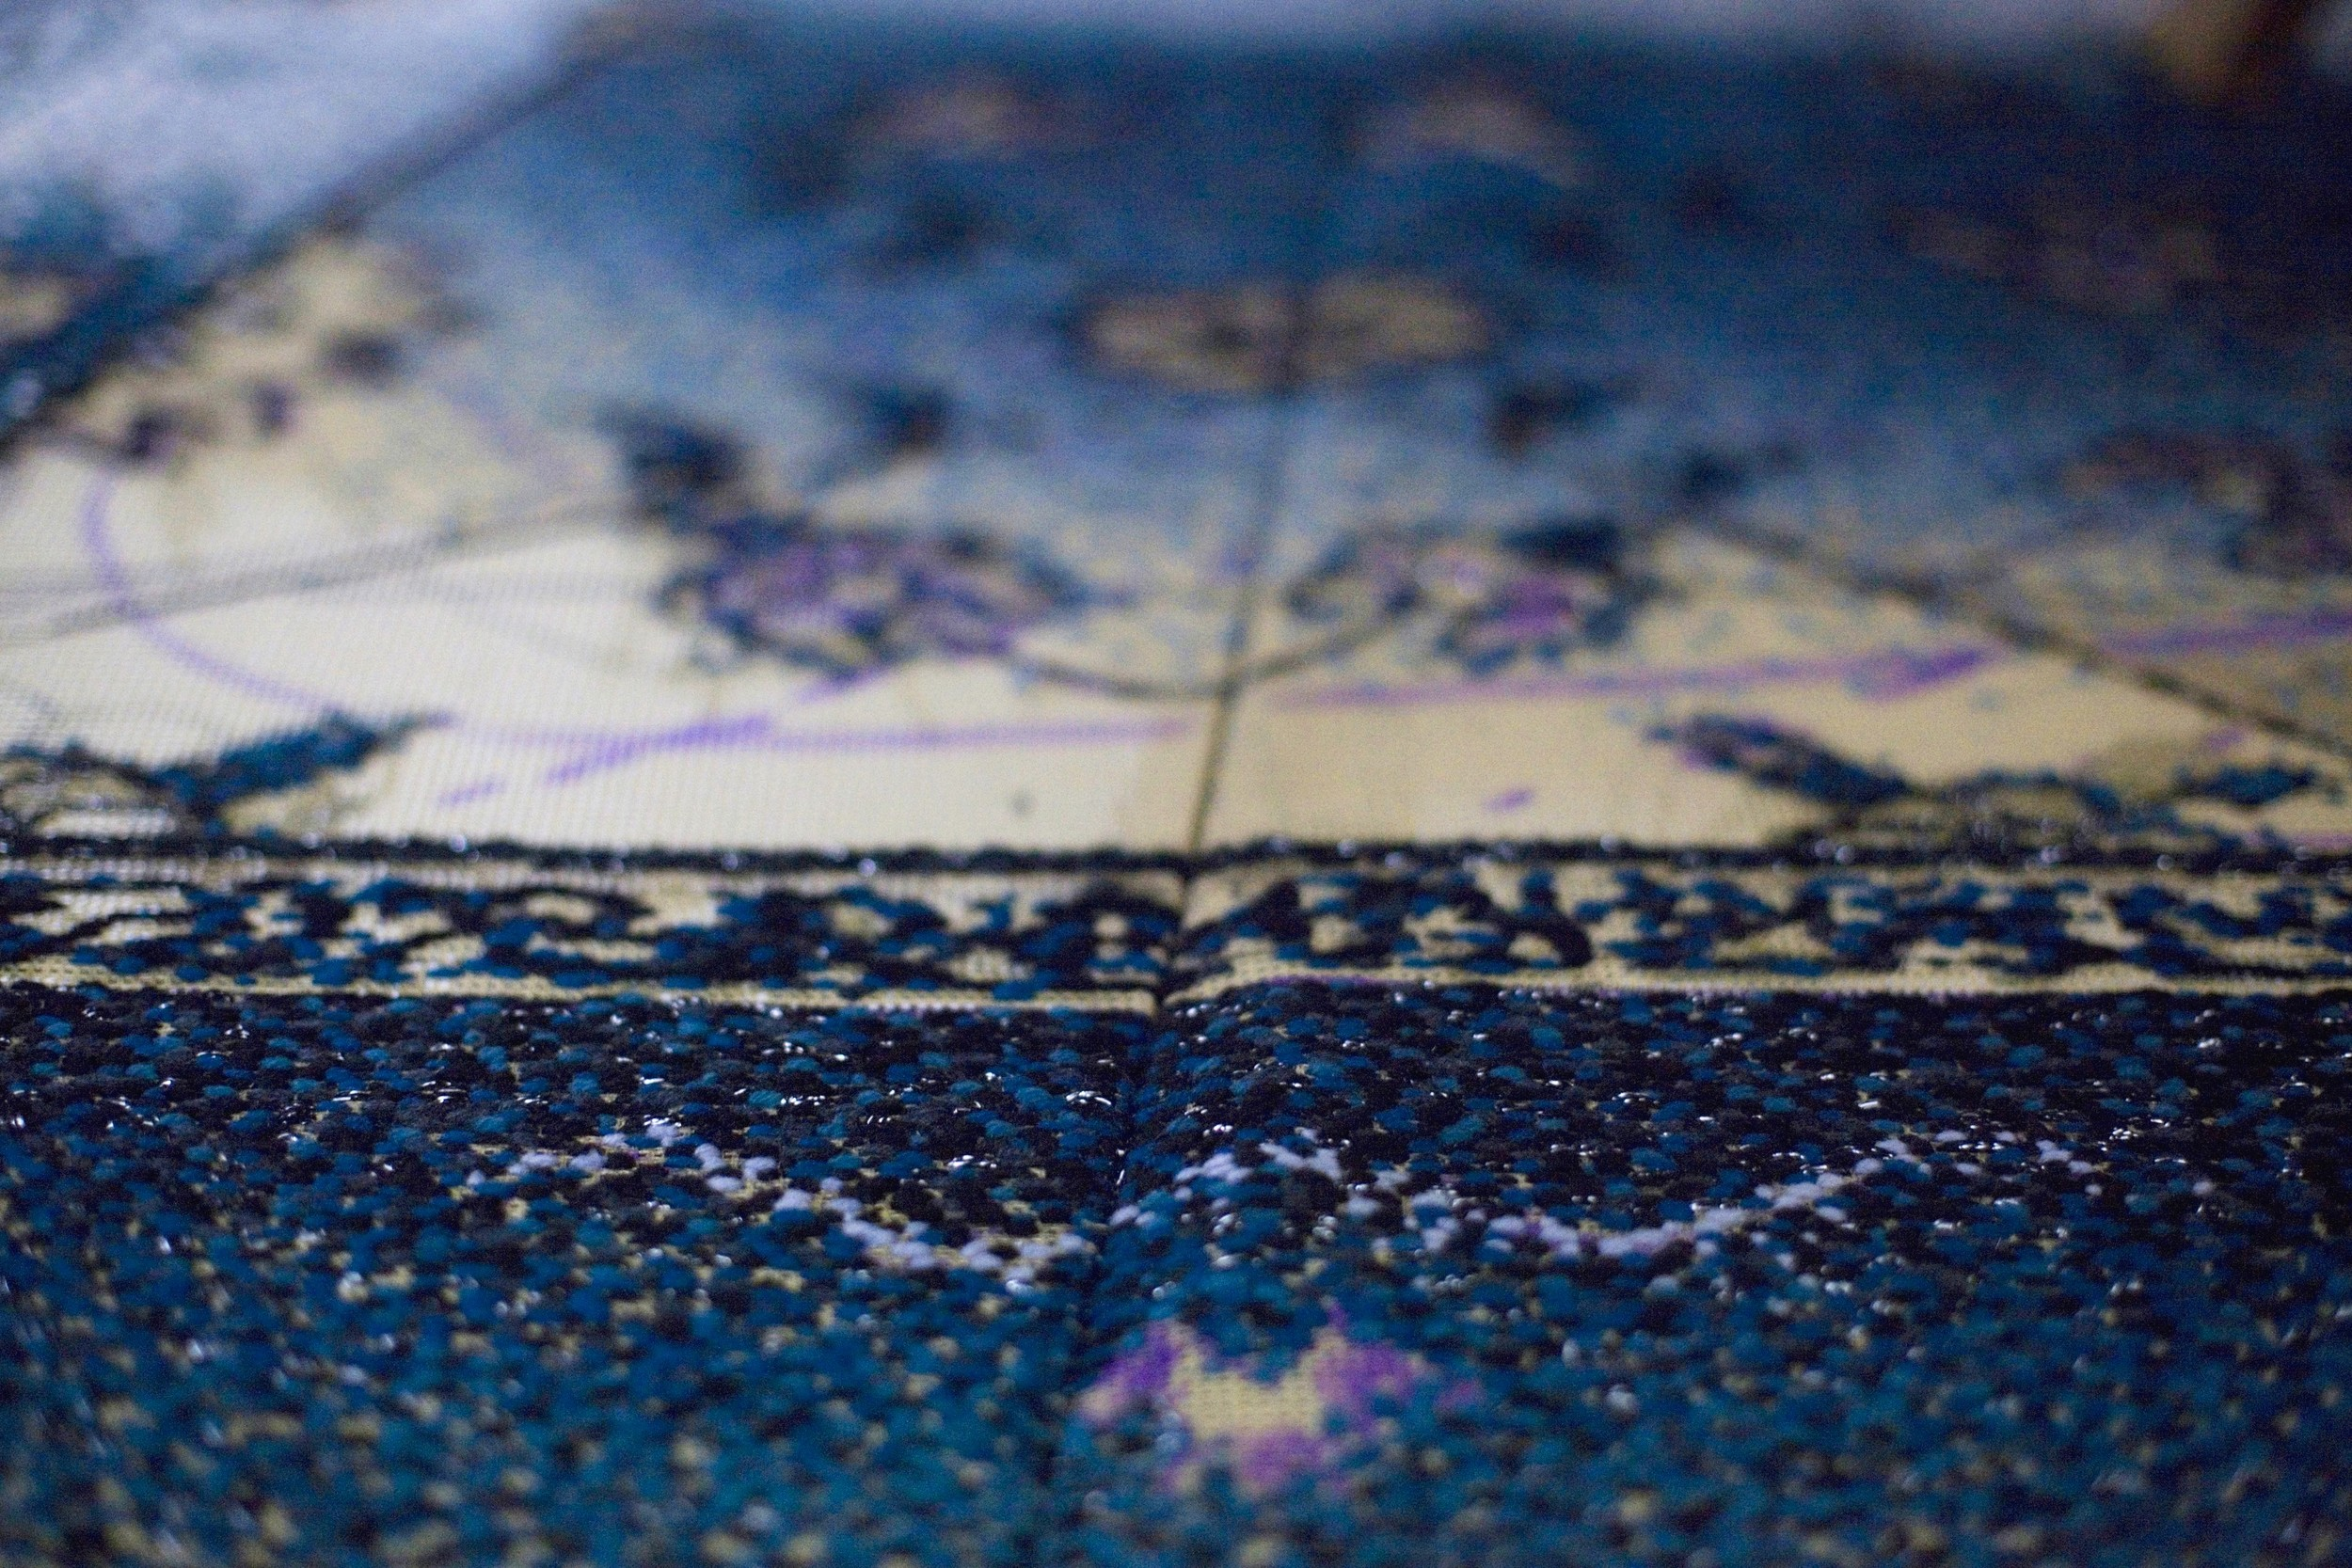 5.Georgin Cue, 'The Aleph' (Detail), 2010, Acrylic yarn on tapestry canvas, 198cm by 187cm by 133cm.jpg